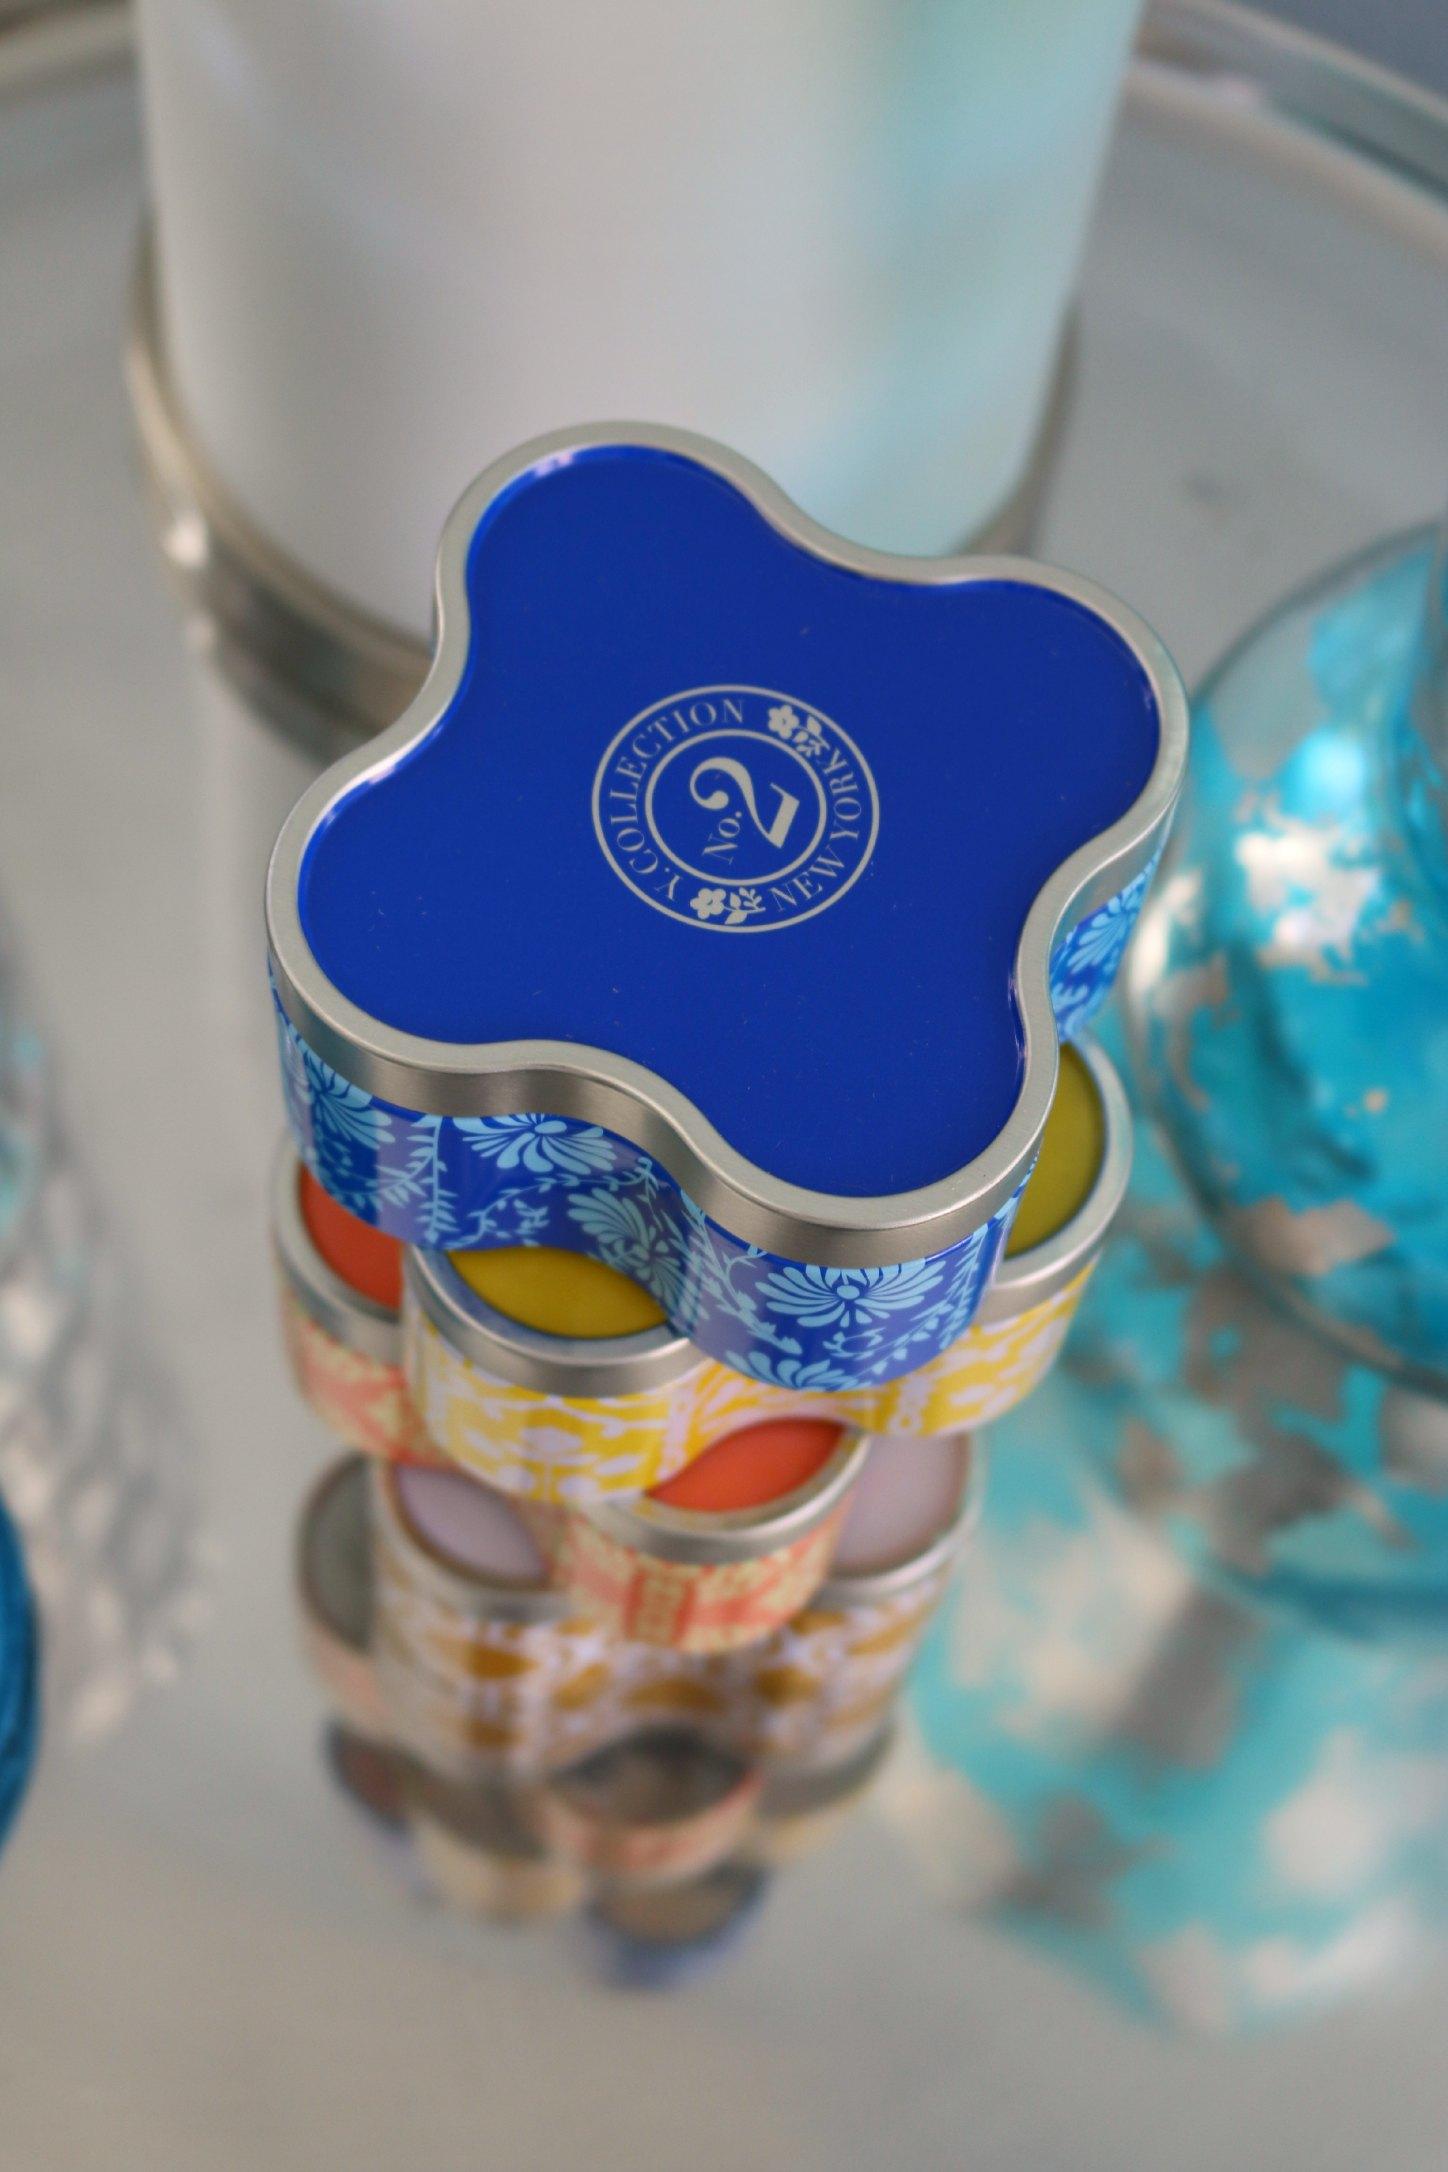 y.collection no.2 scents